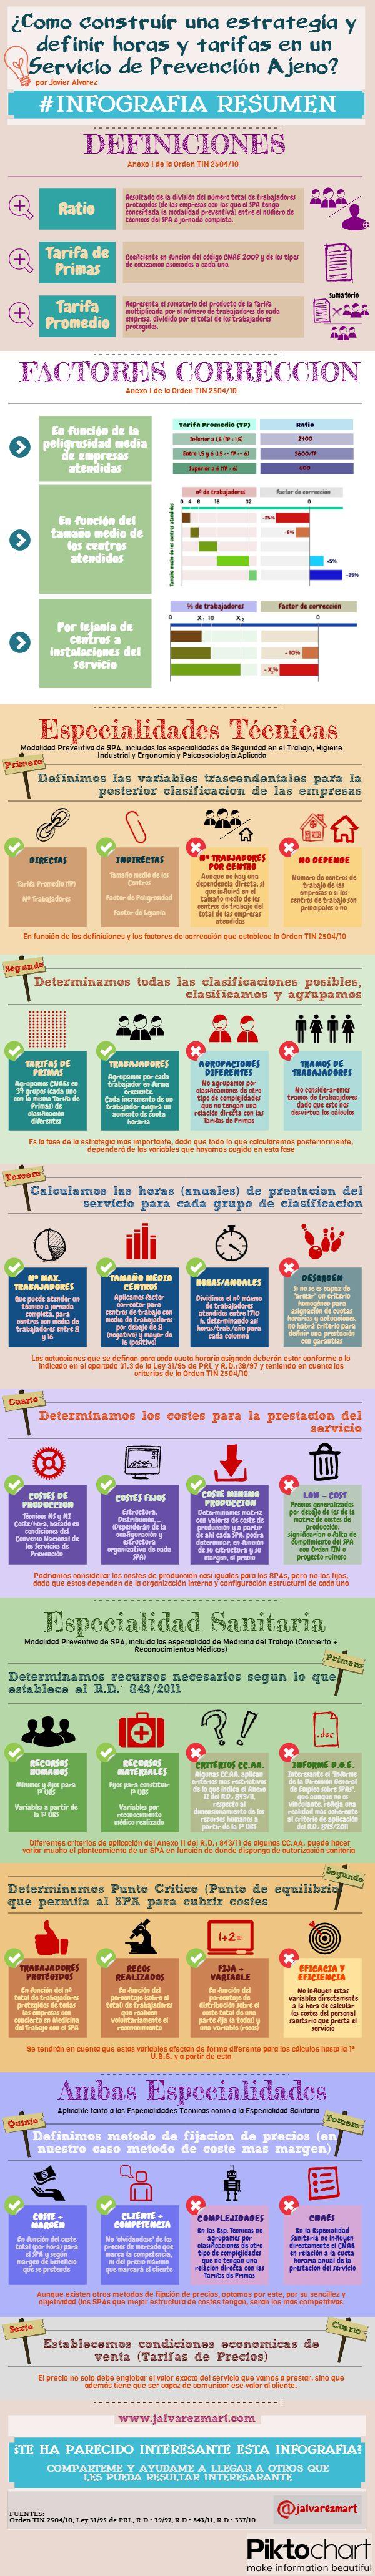 Infografia prevencion riesgos laborales: ¿Como construir una #estrategia y definir horas y tarifas en un #SPA?